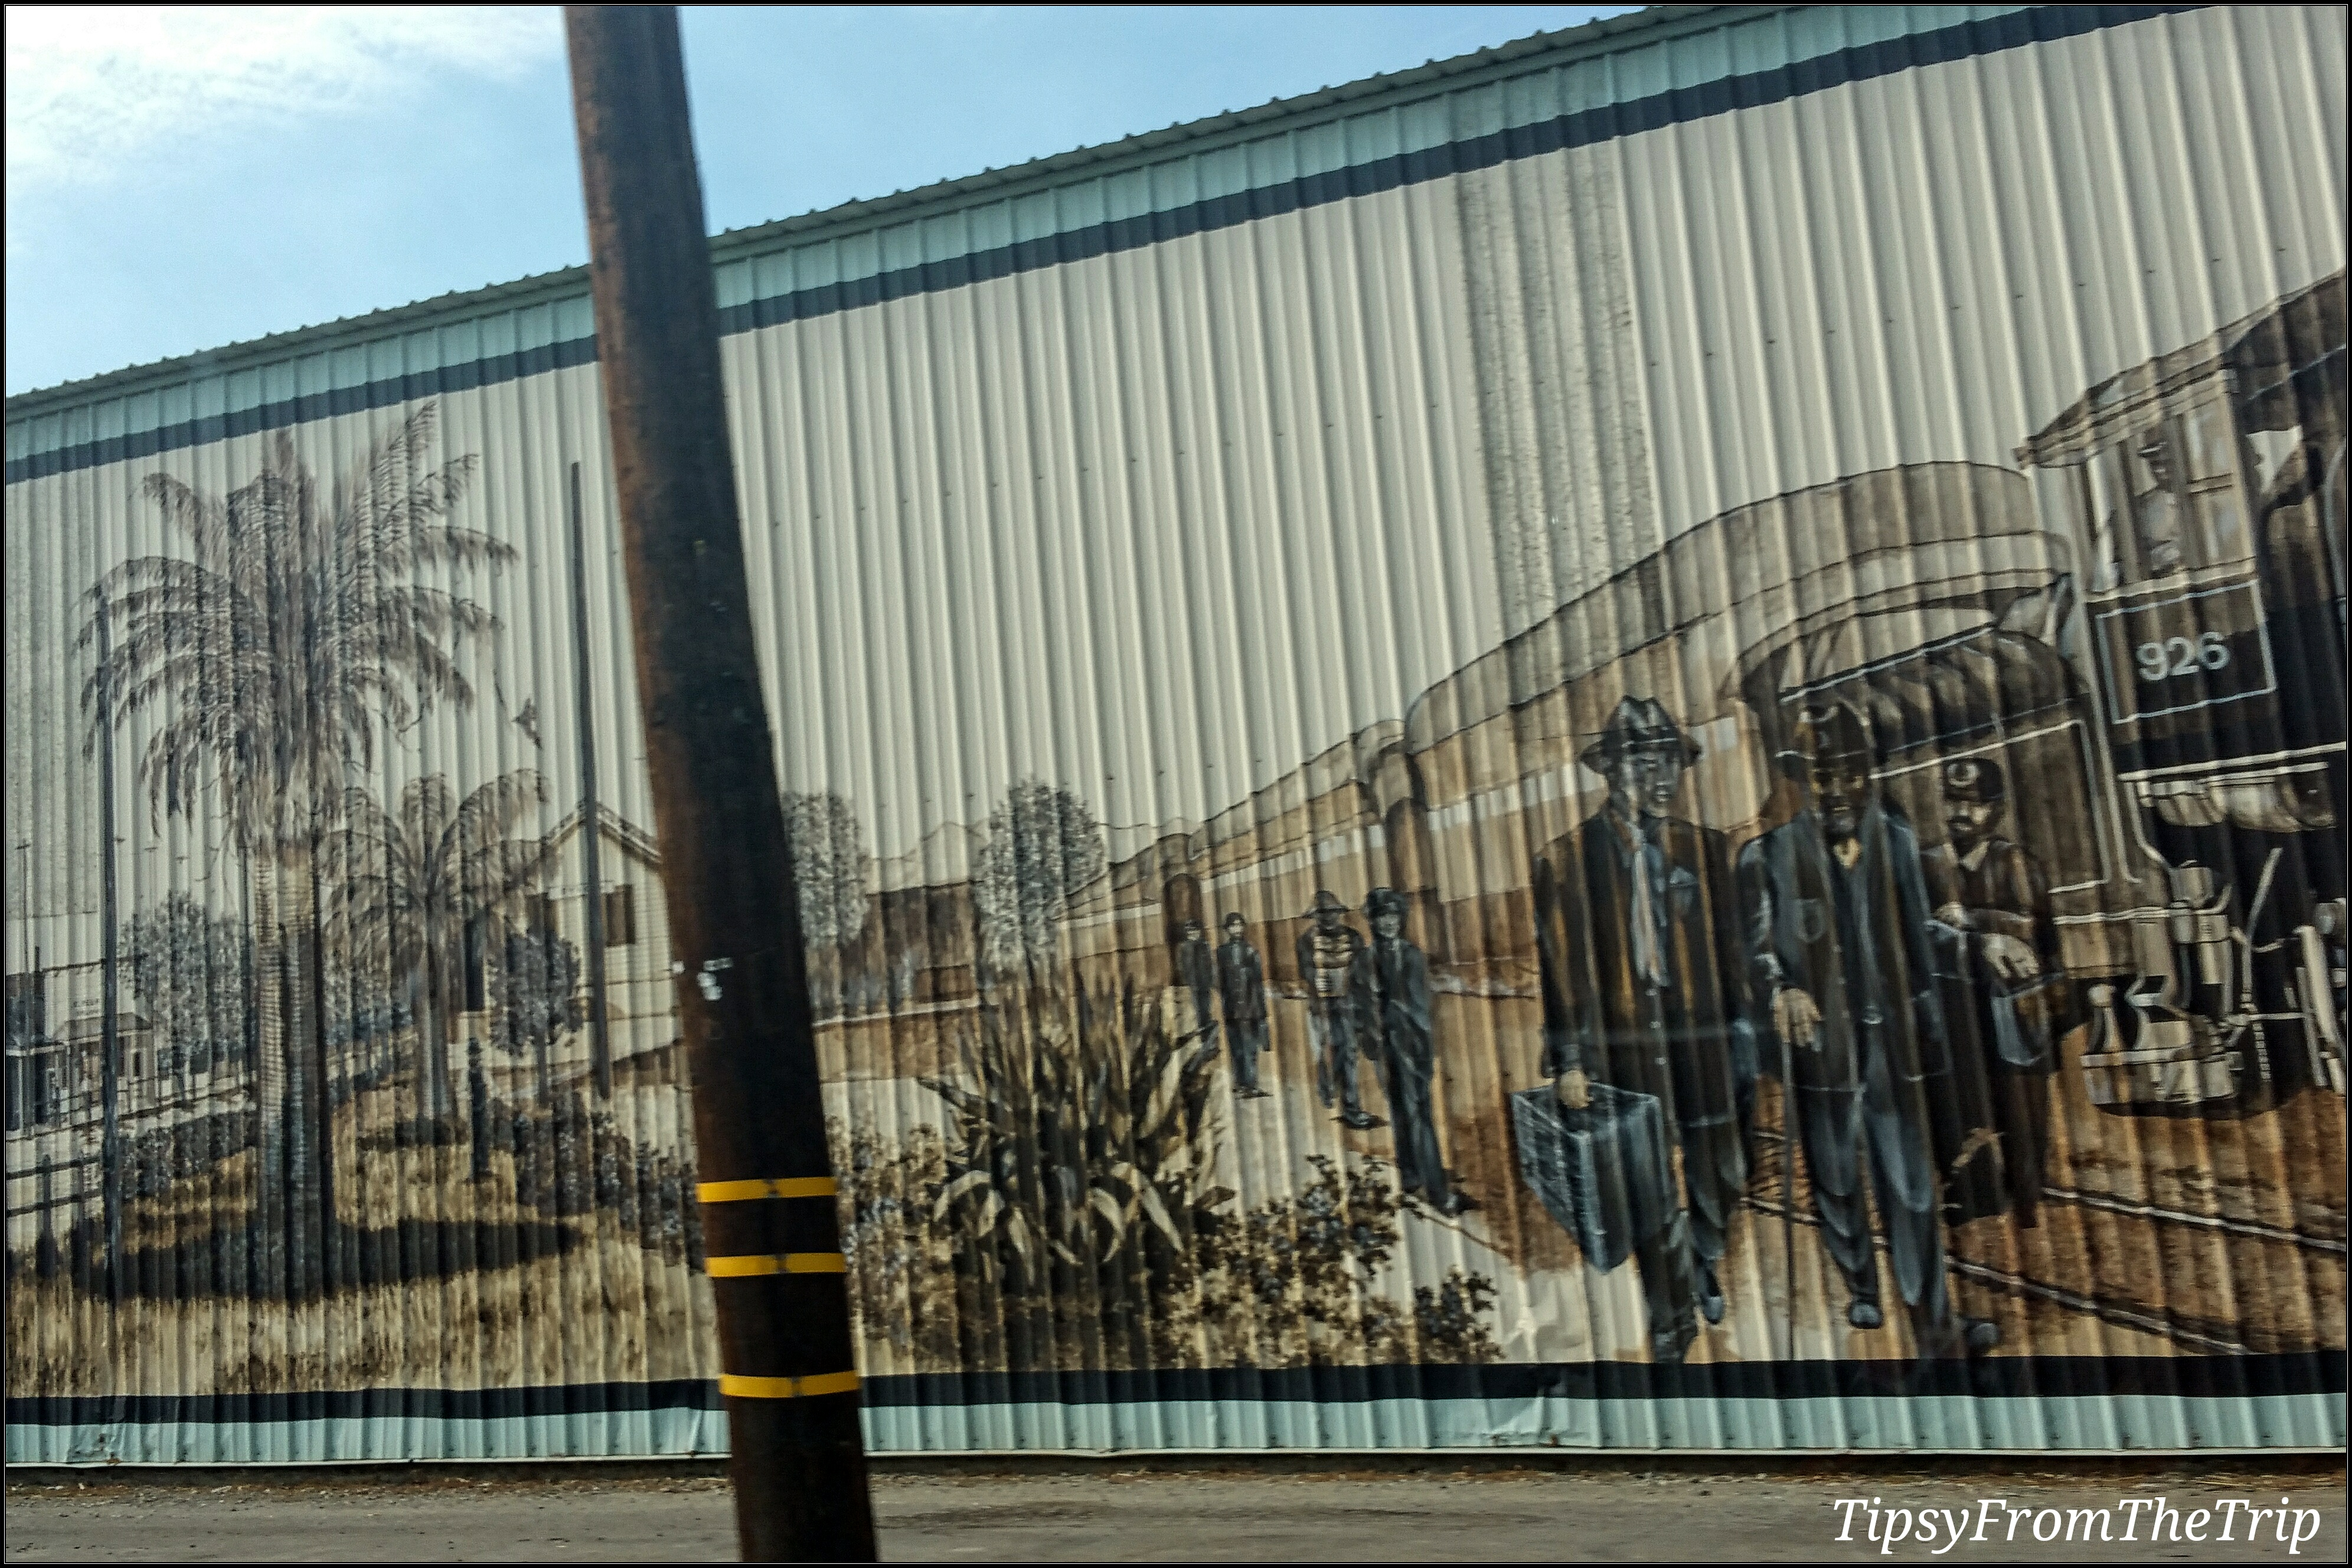 Byron train mural